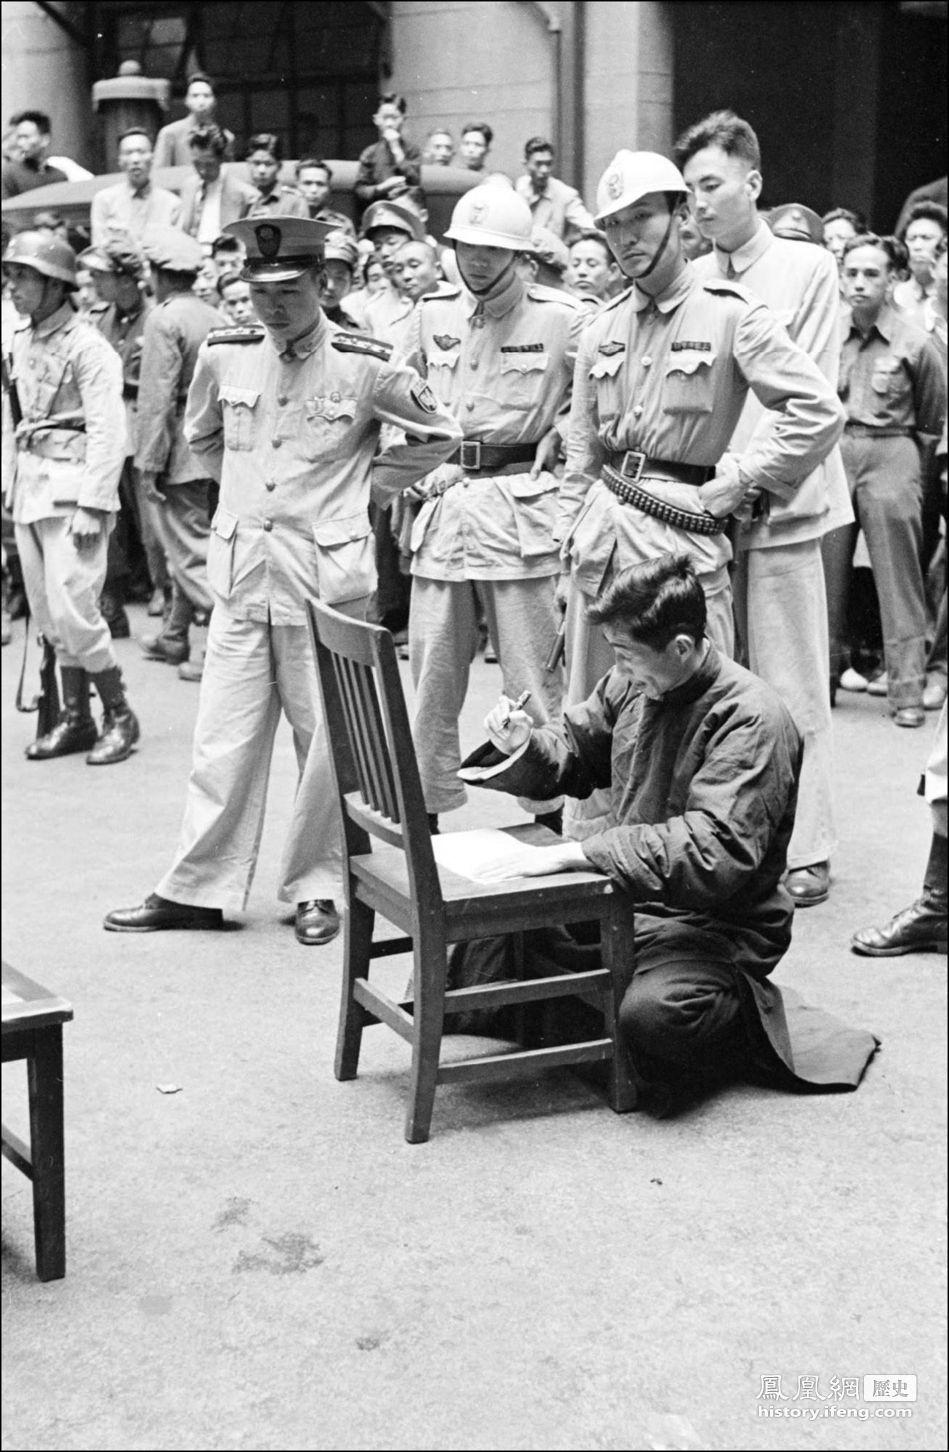 哈里森 上海/民国三十八年(1949年)5月11日,上海。死刑犯人在临刑前签字...